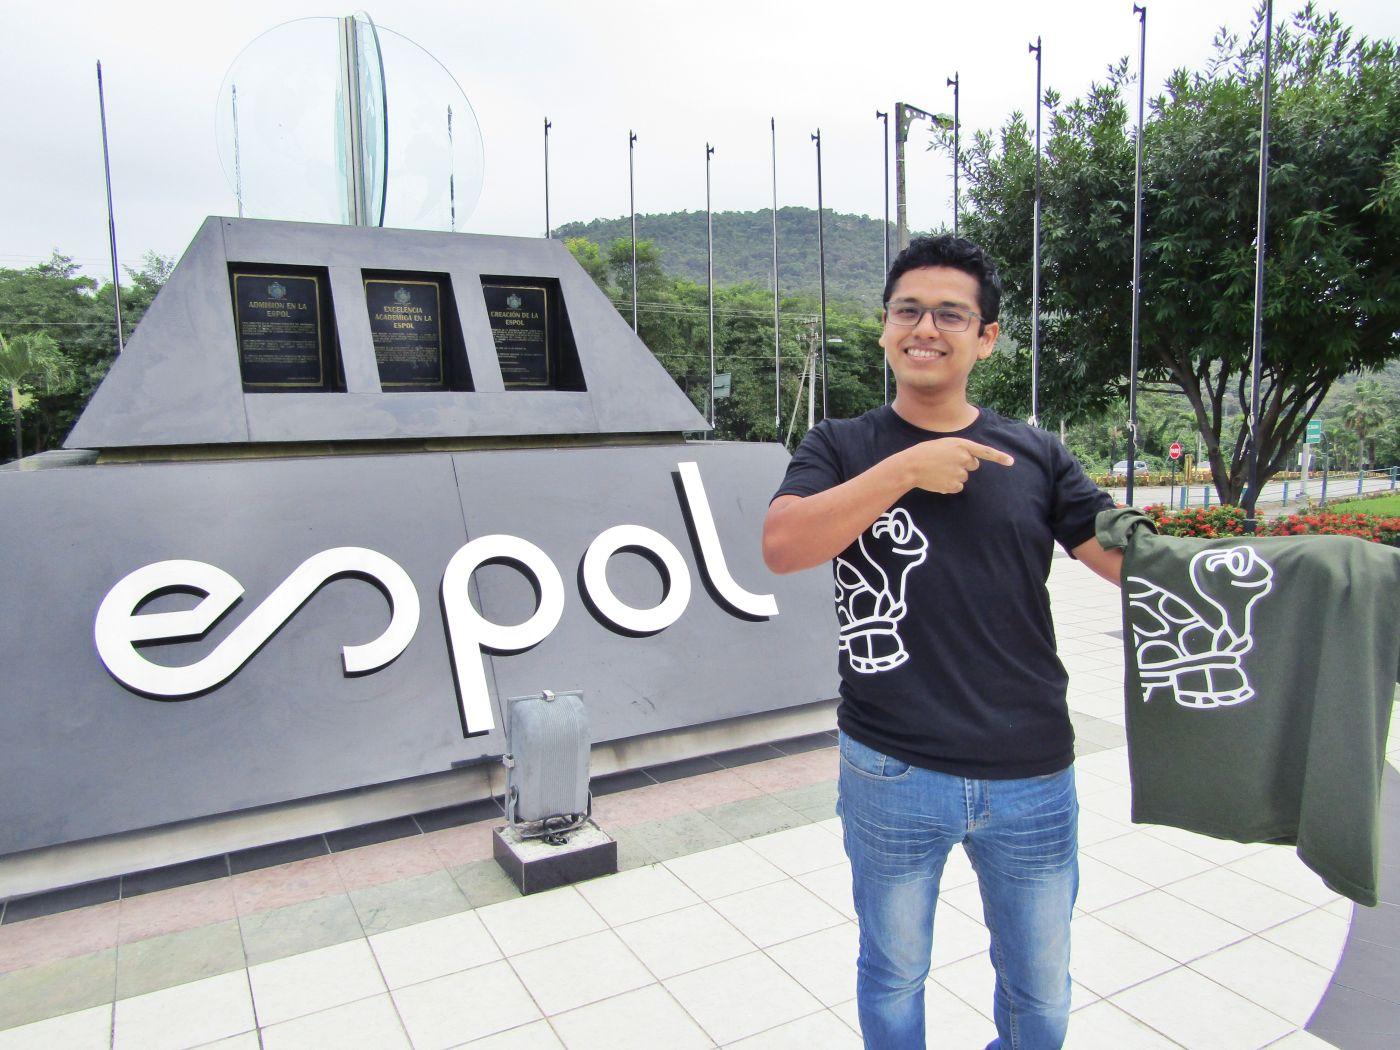 Iniciativa de politécnico busca perpetuar antiguo logo de la Espol entre sus estudiantes